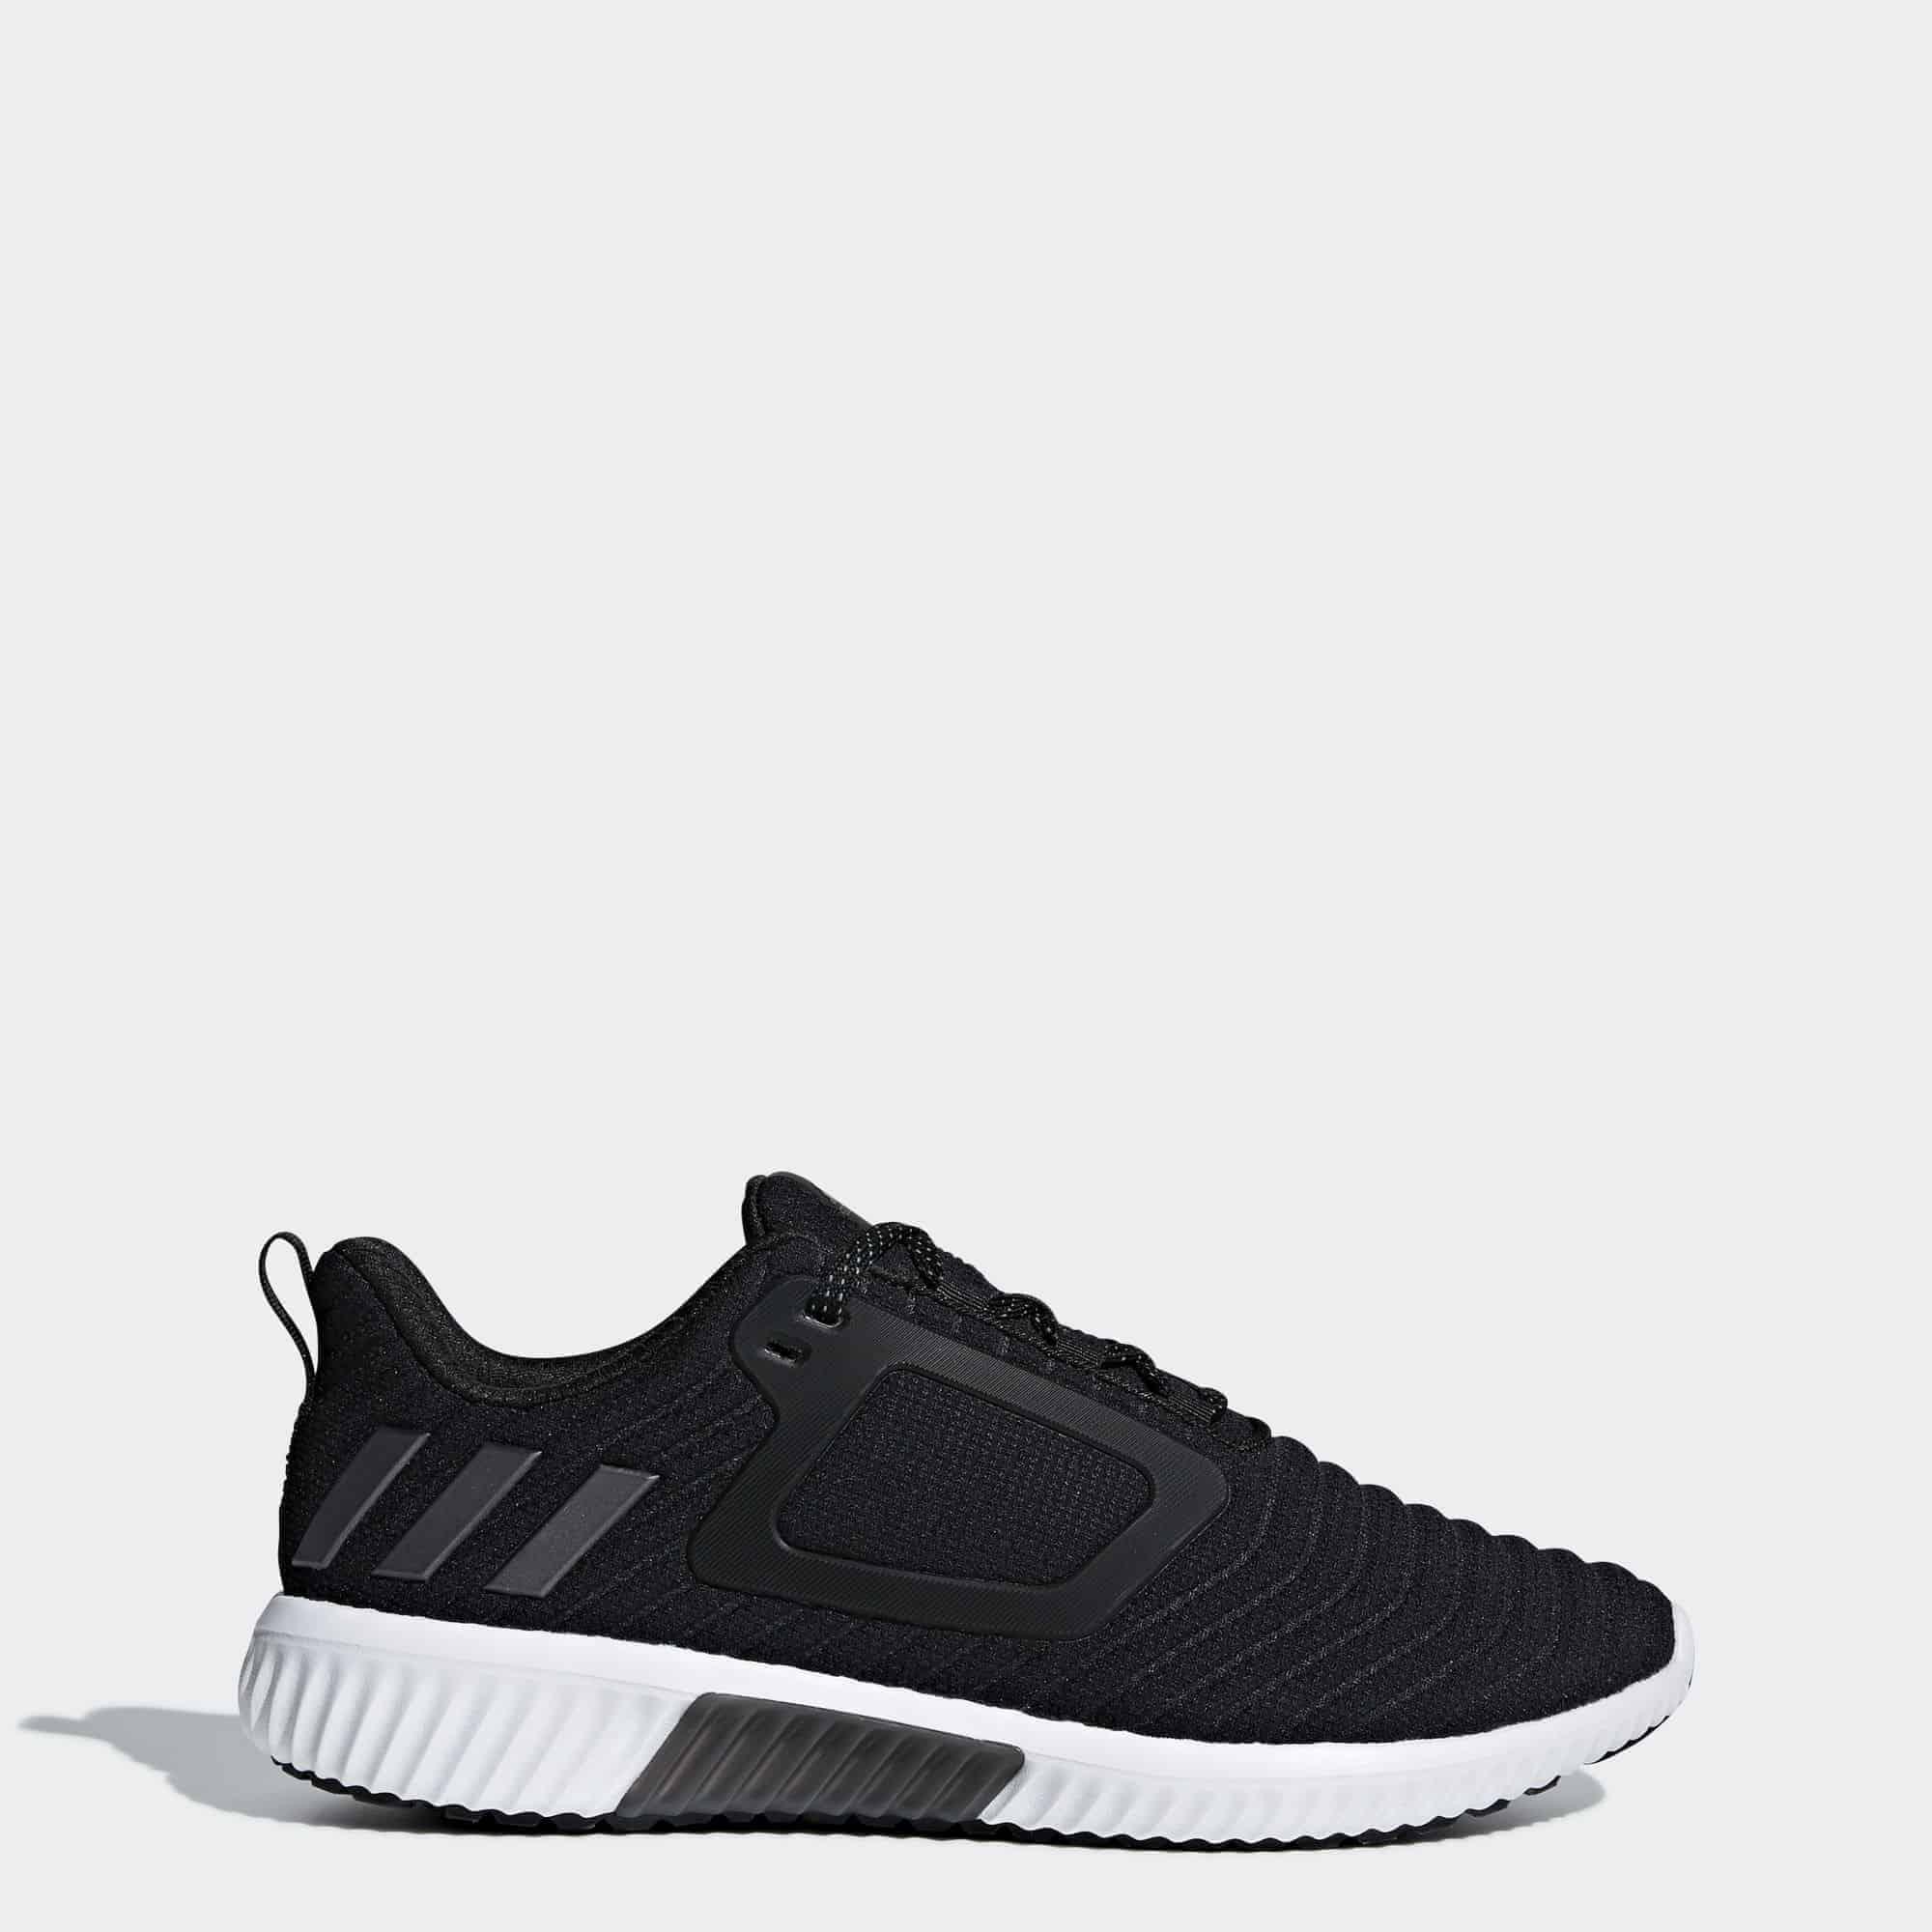 Кроссовки для бега Adidas Climawarm All Terrain мужские